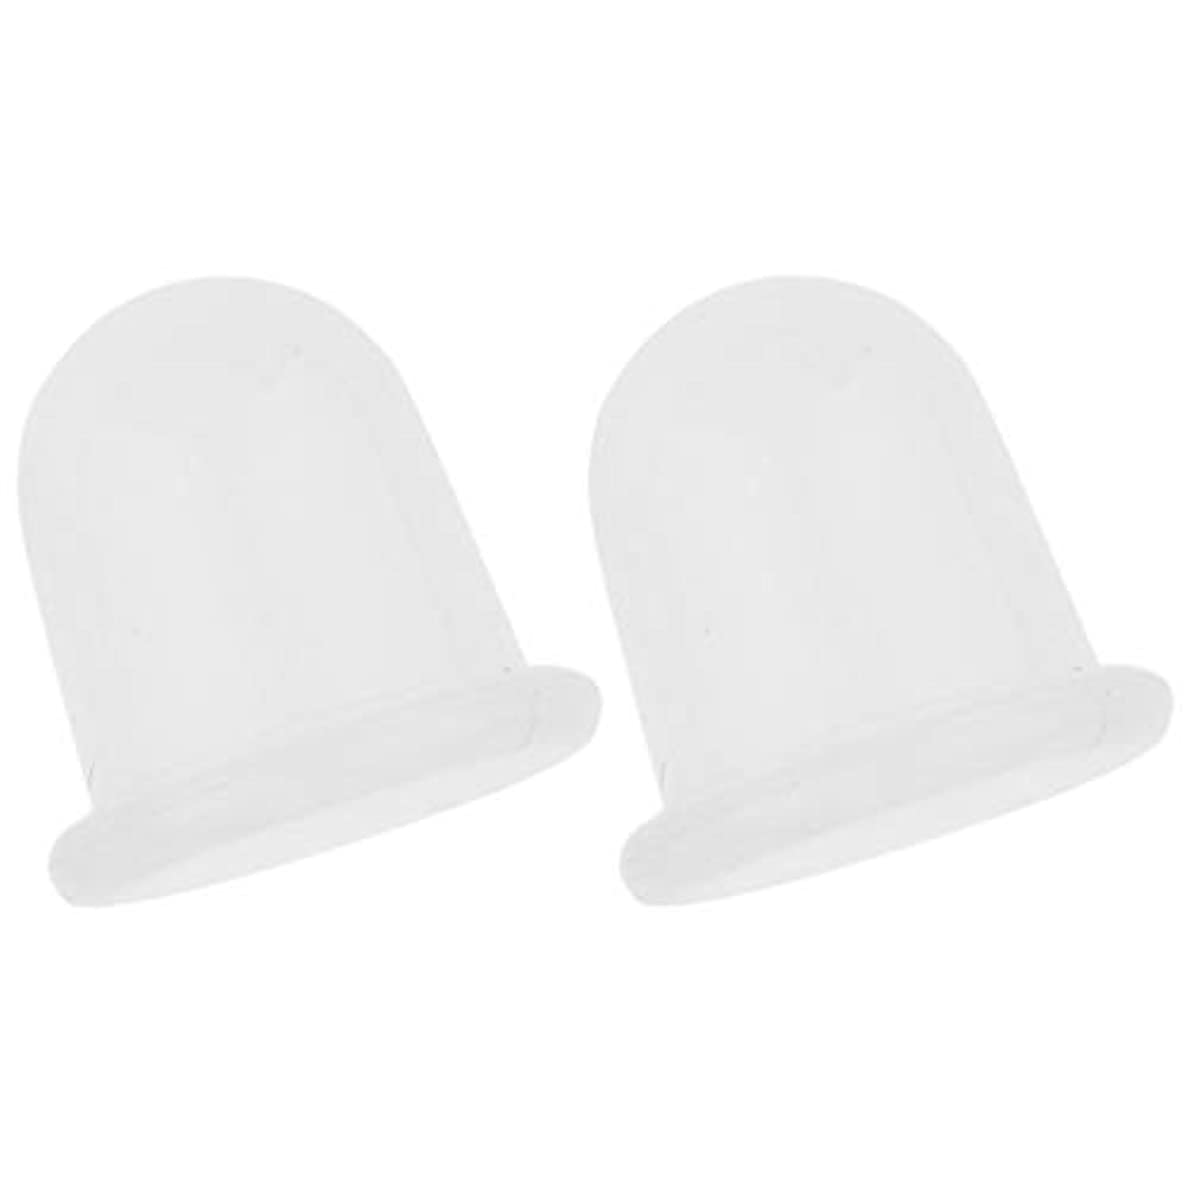 コレクションクマノミ観察するボディー ビューティーストレス 空カップ 吸い玉 真空カッピングカップ 持ち運び 可能 汎用 2個入り